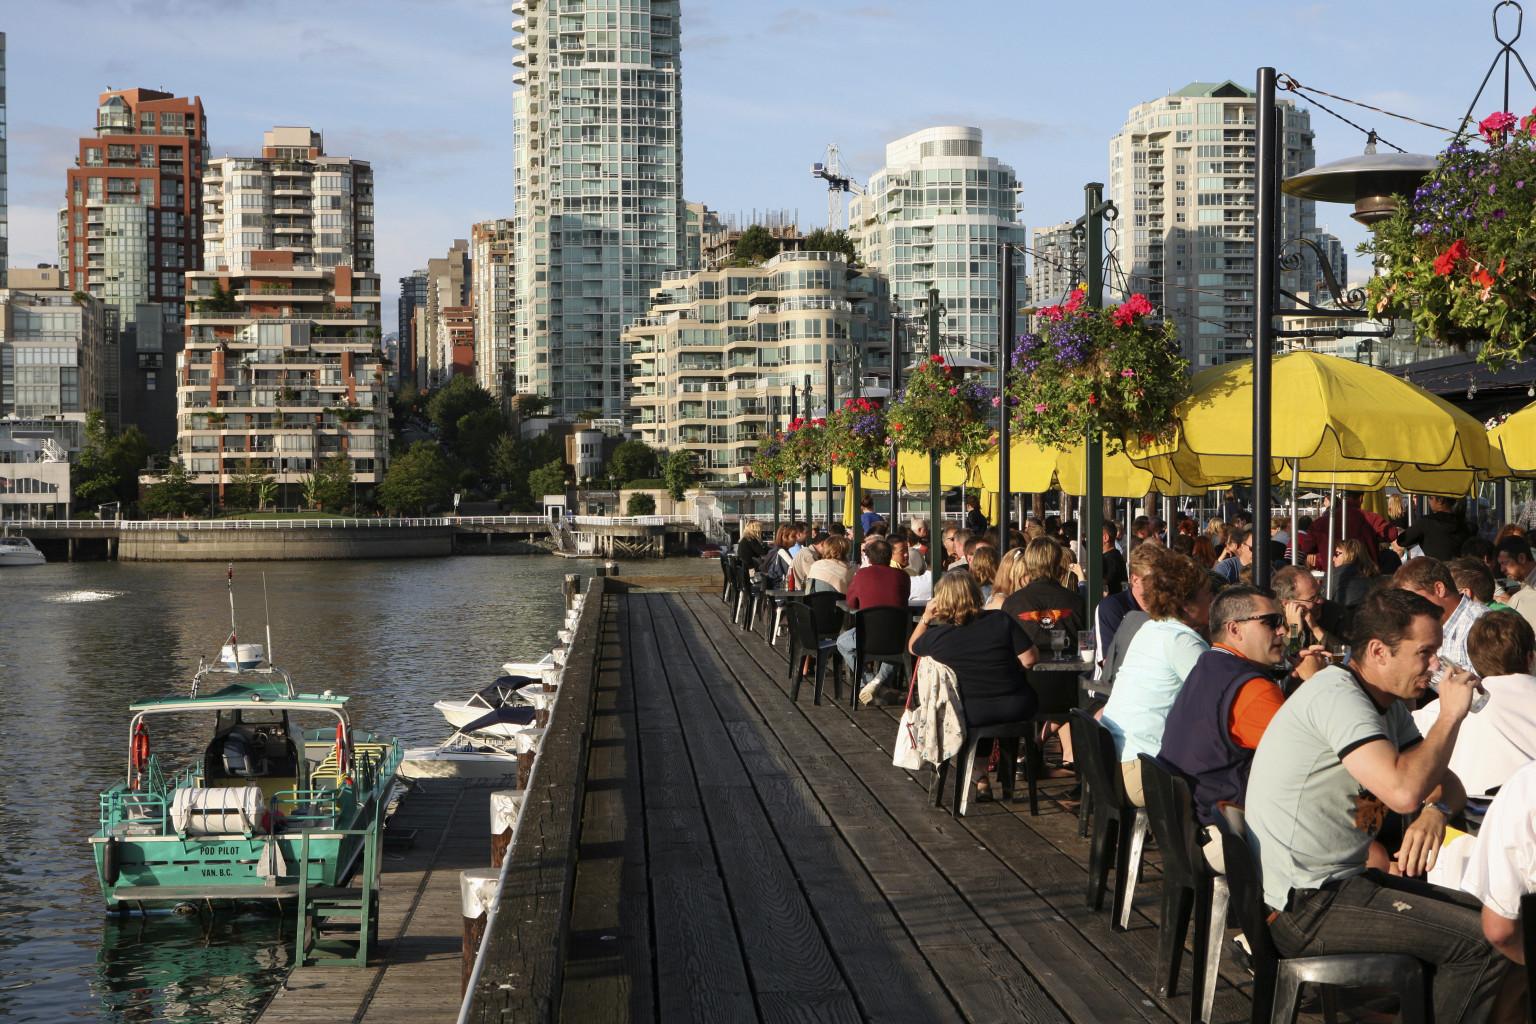 Granville Island Public Market: Vancouvers Best Seaside